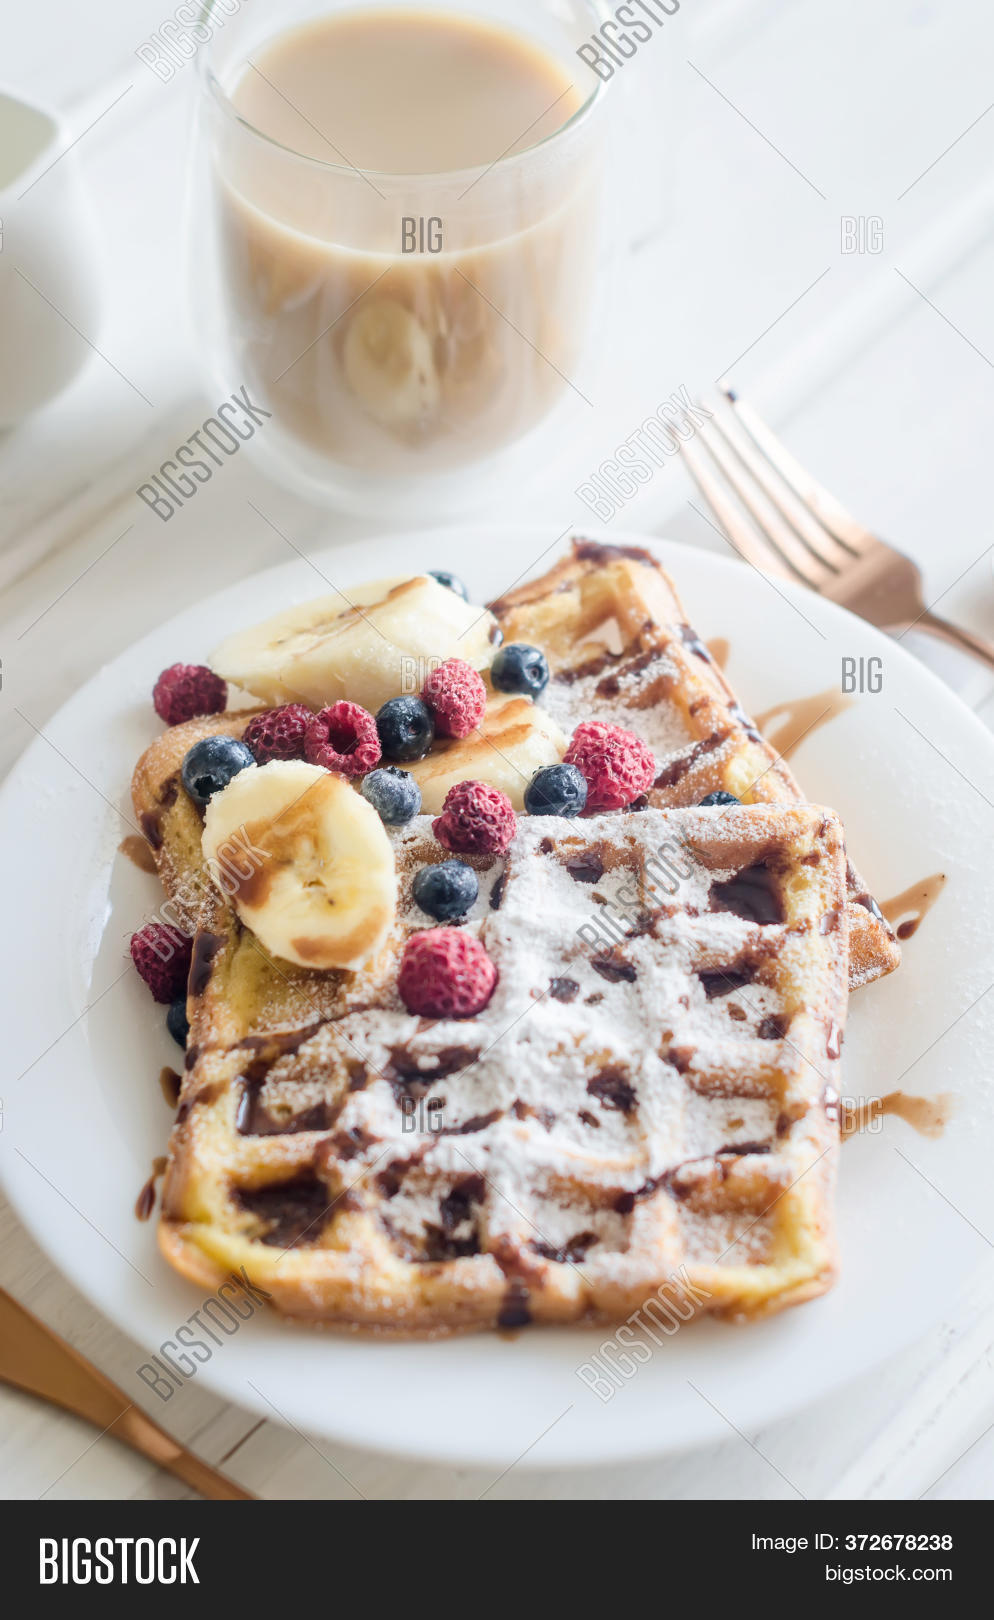 A melhor coisa para comer no café da manhã? 372678238